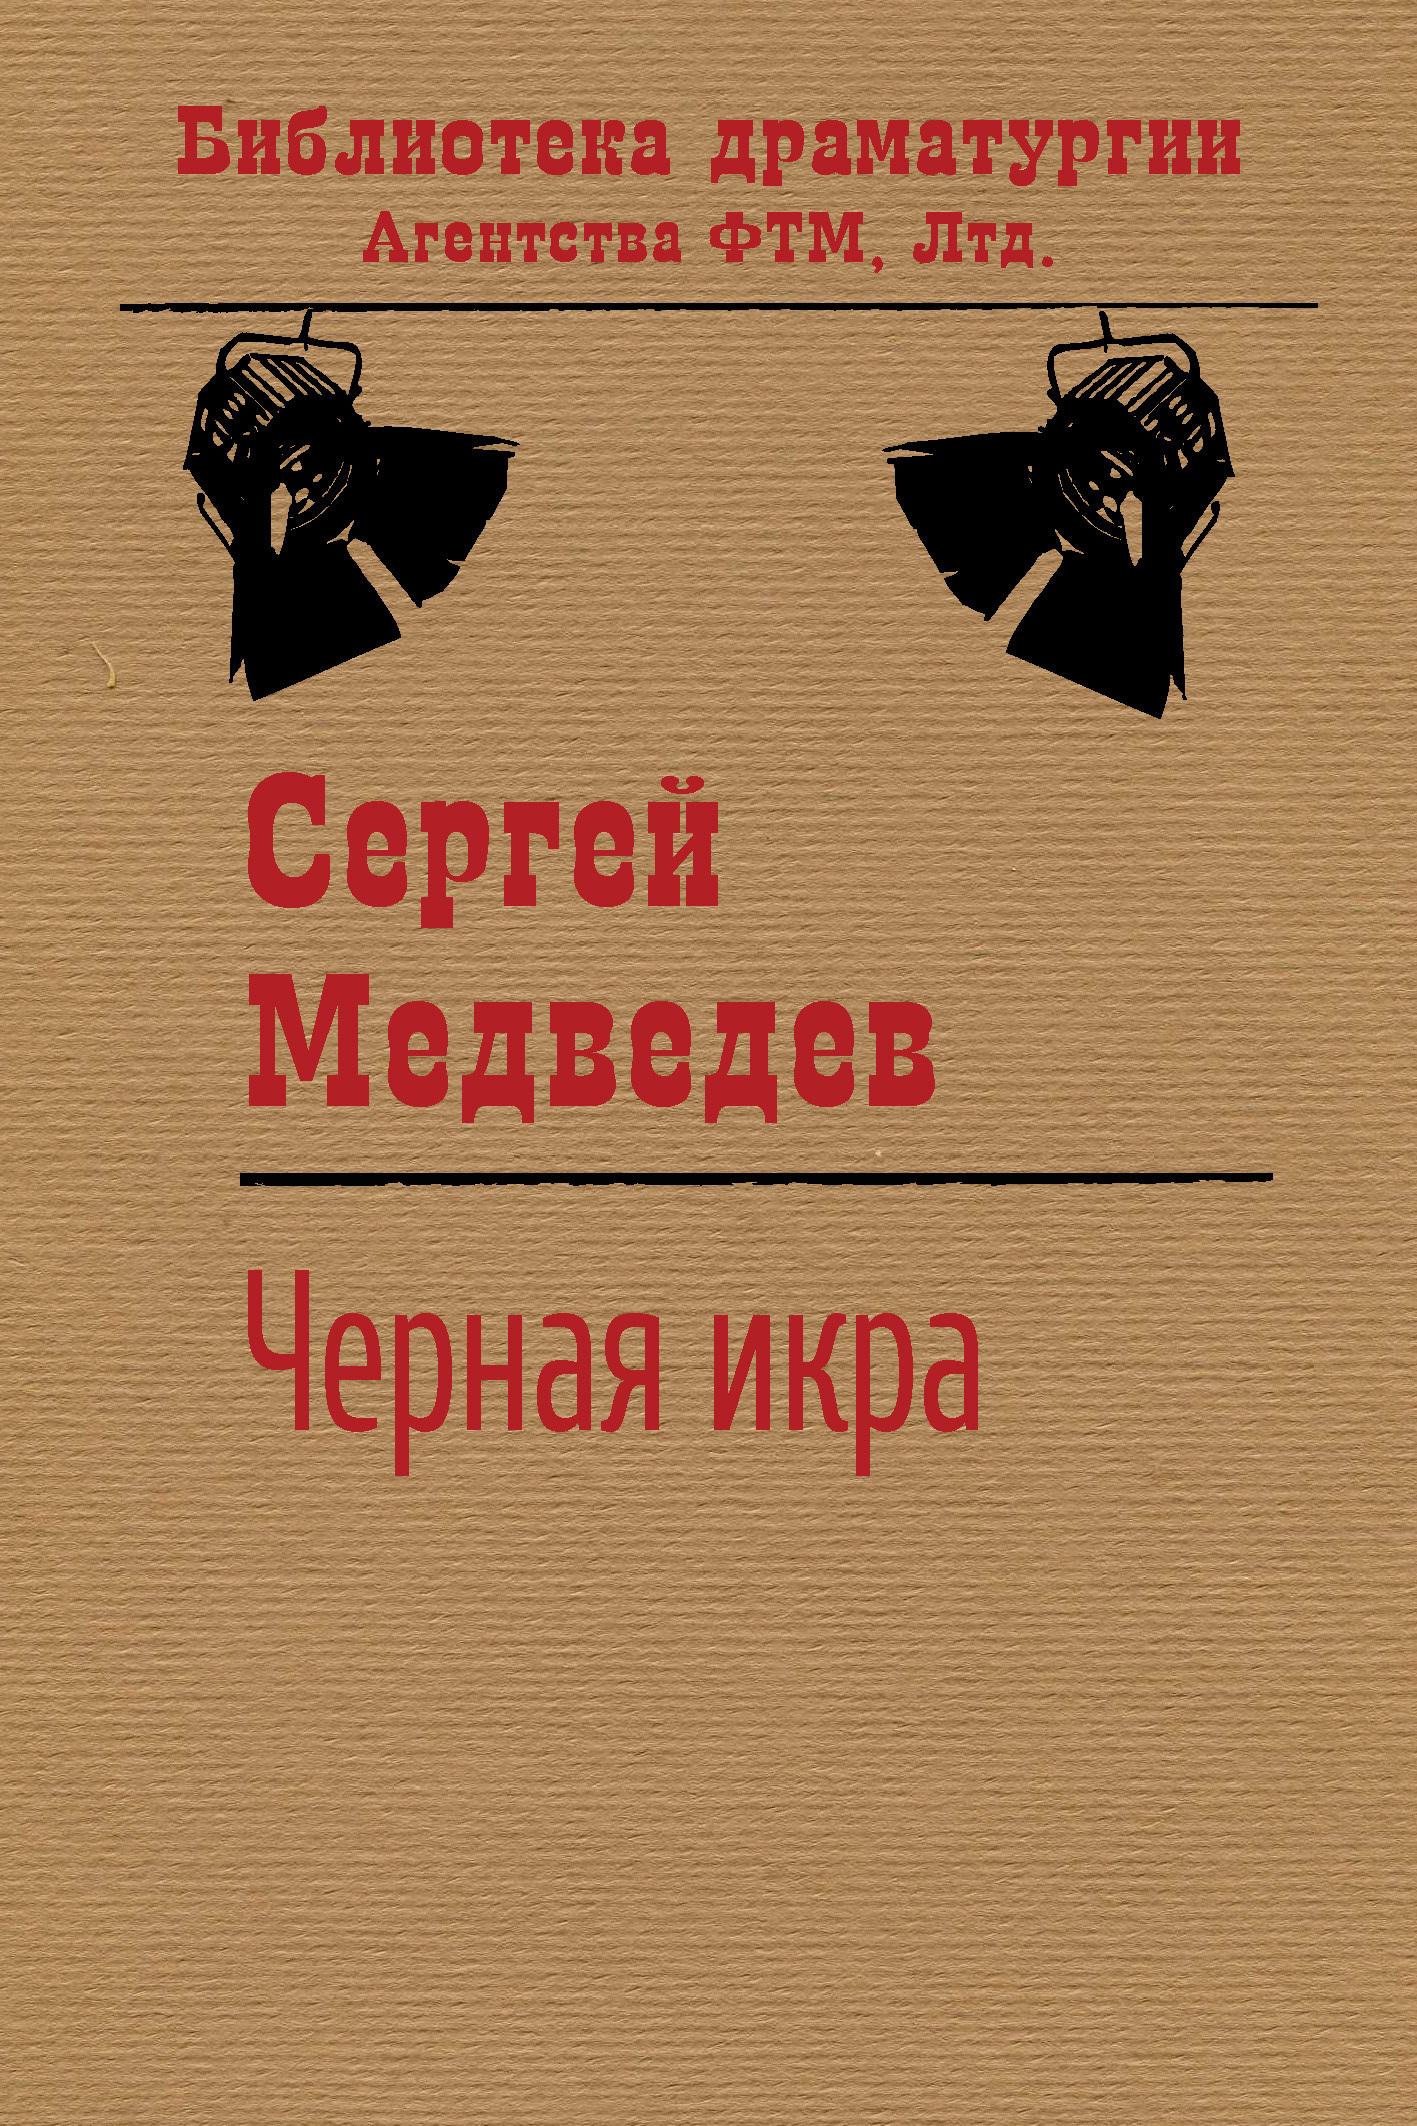 Сергей Медведев - Черная икра